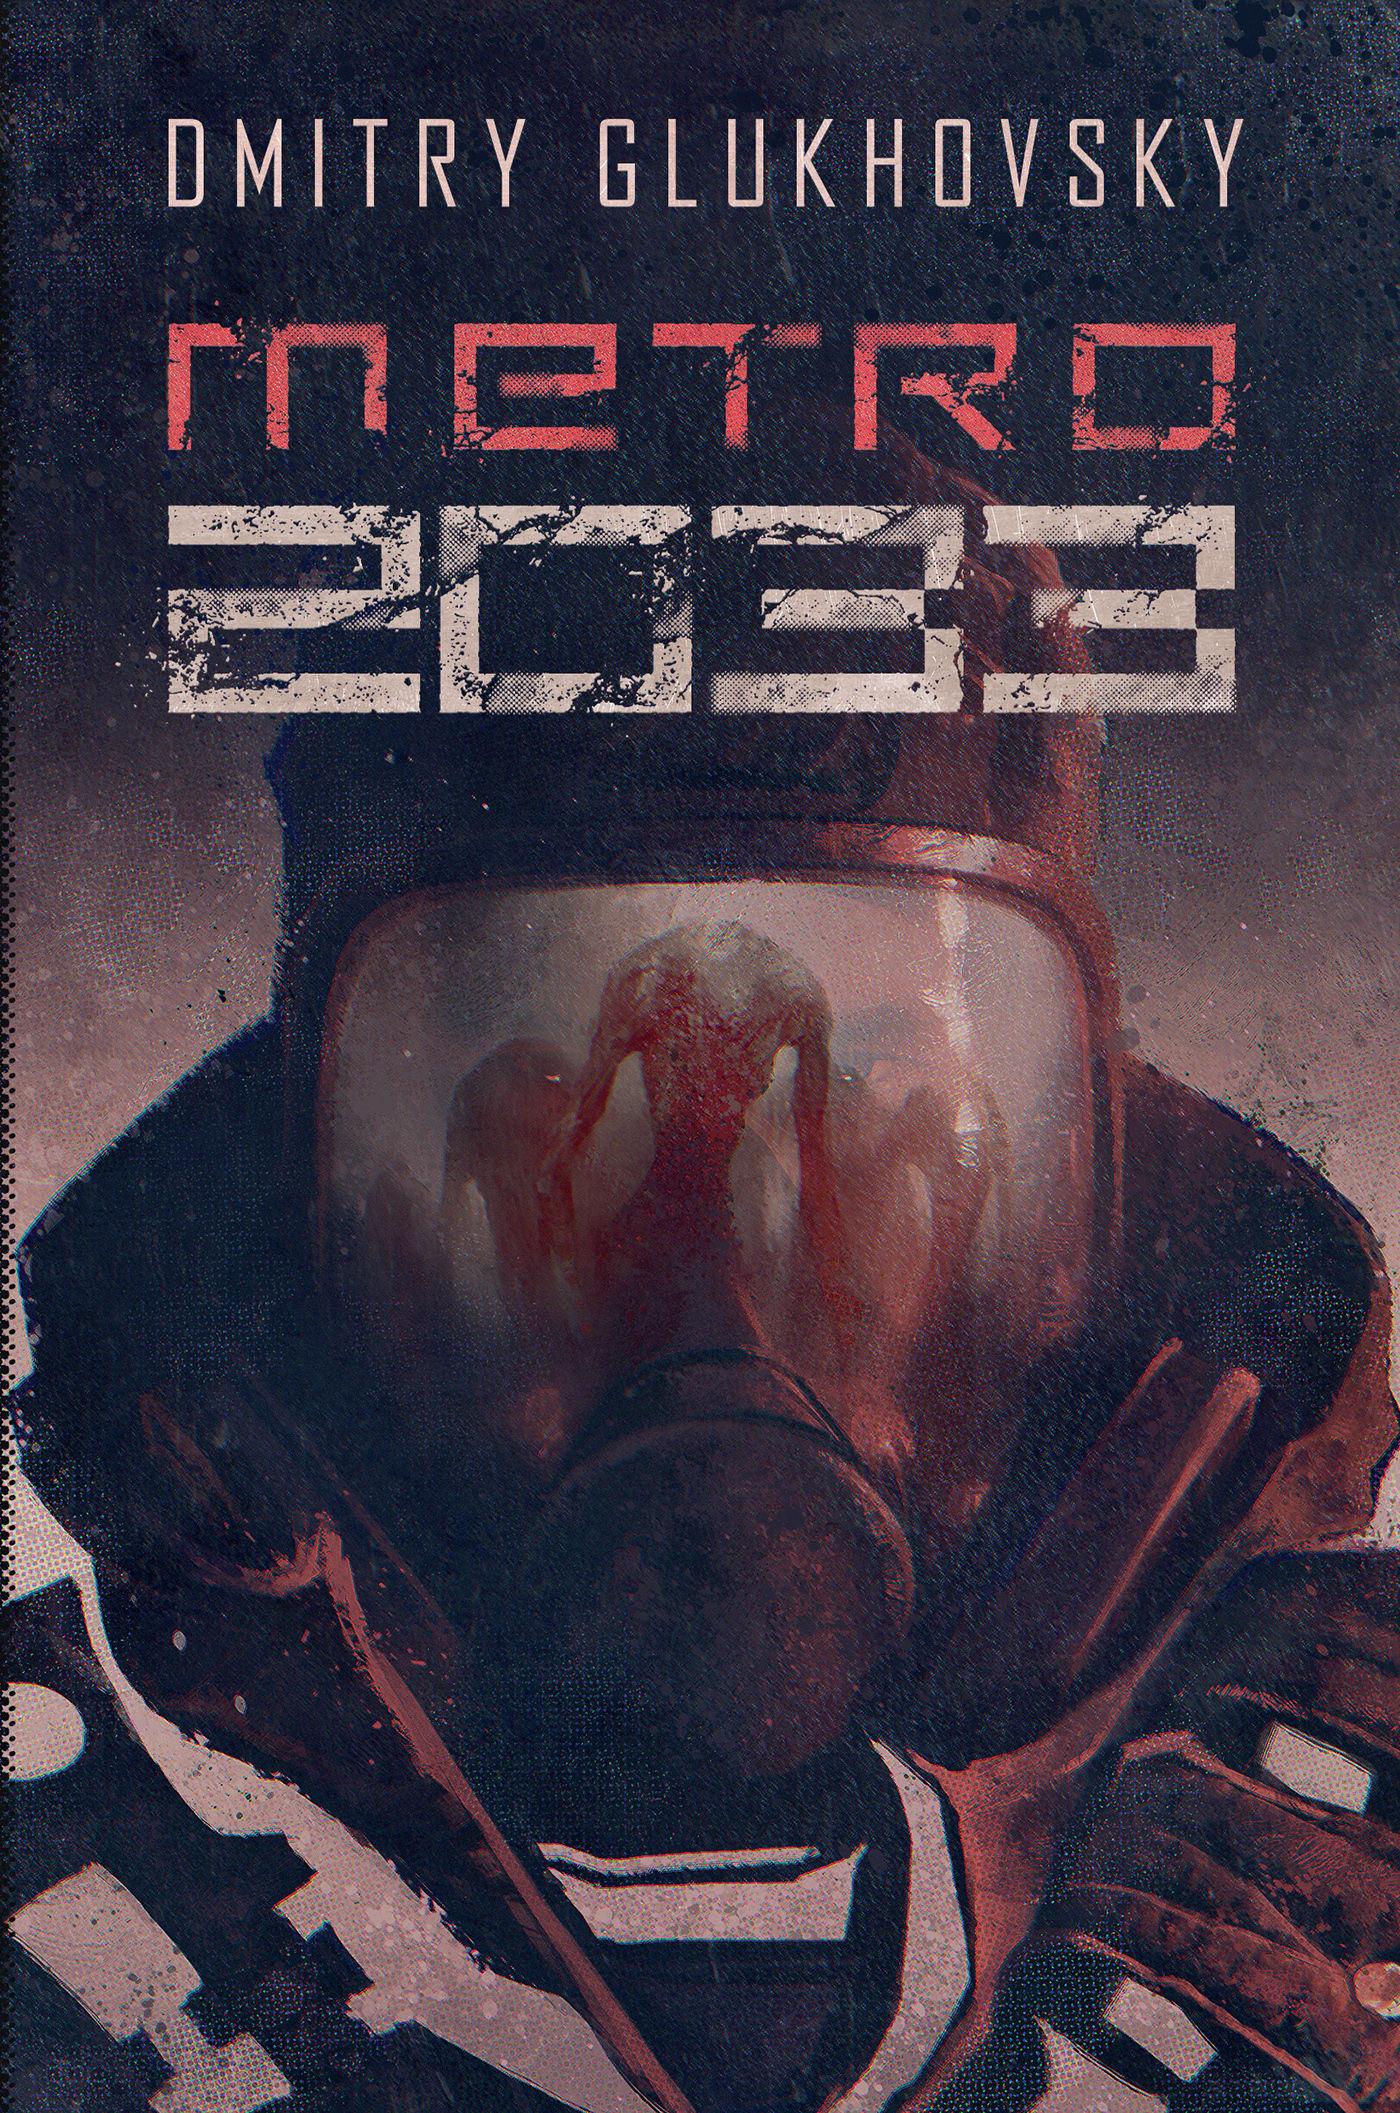 Metro 2033 - Dmitry Glukhovsky - ebook